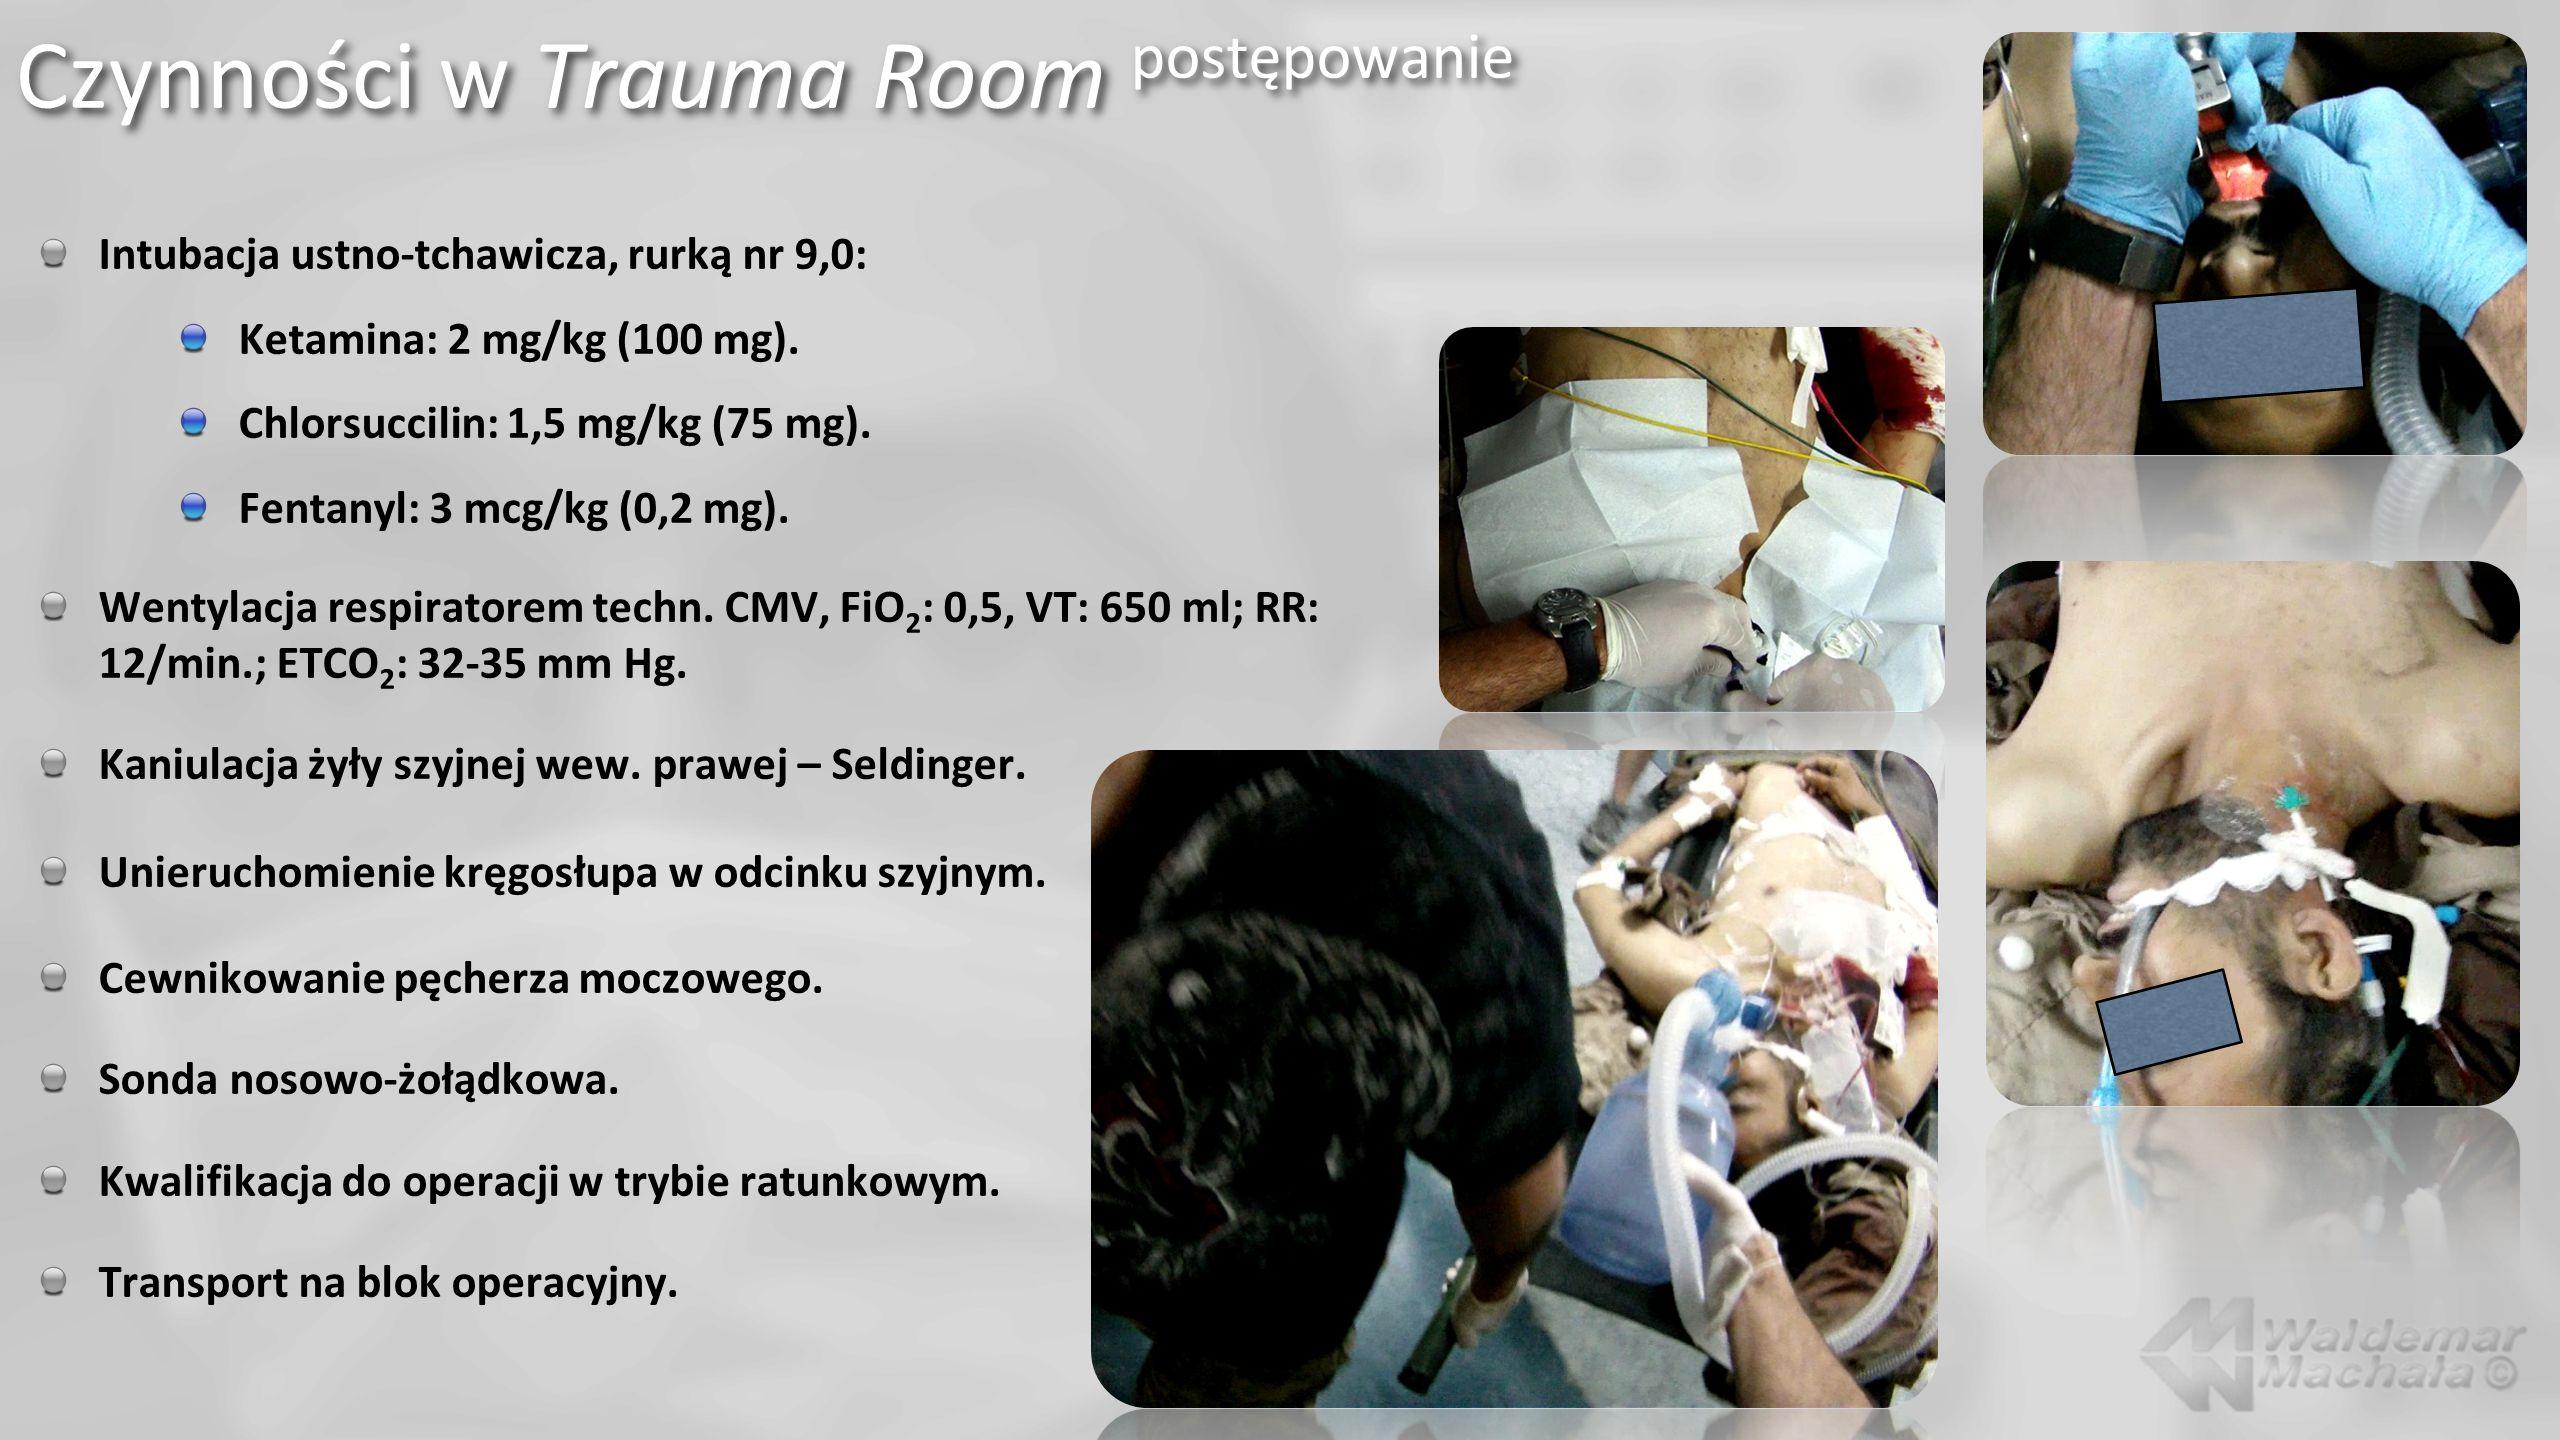 Czynności w Trauma Room postępowanie